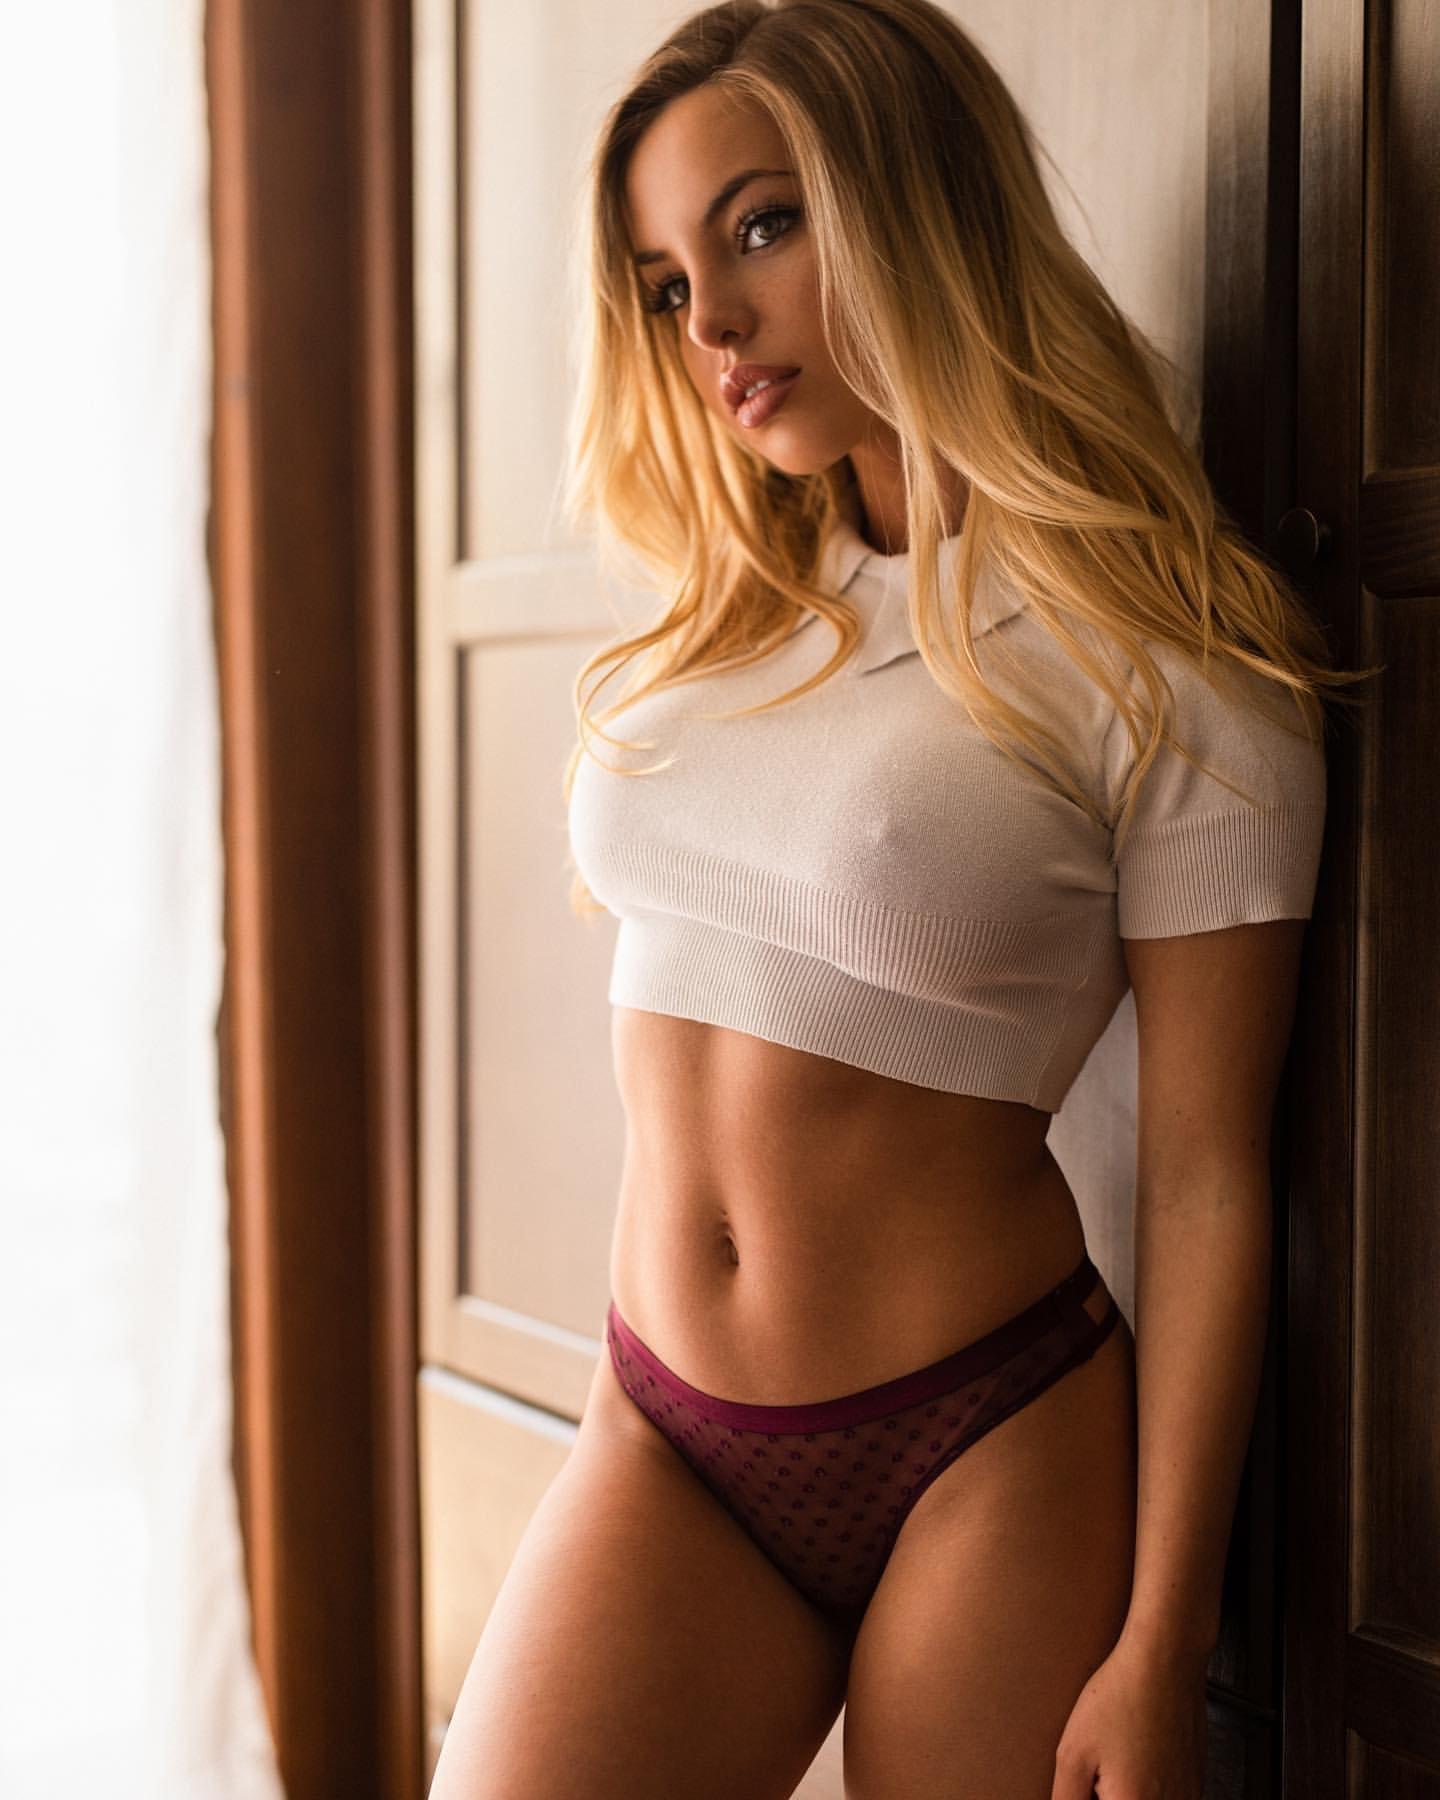 Sexyphotos.Com